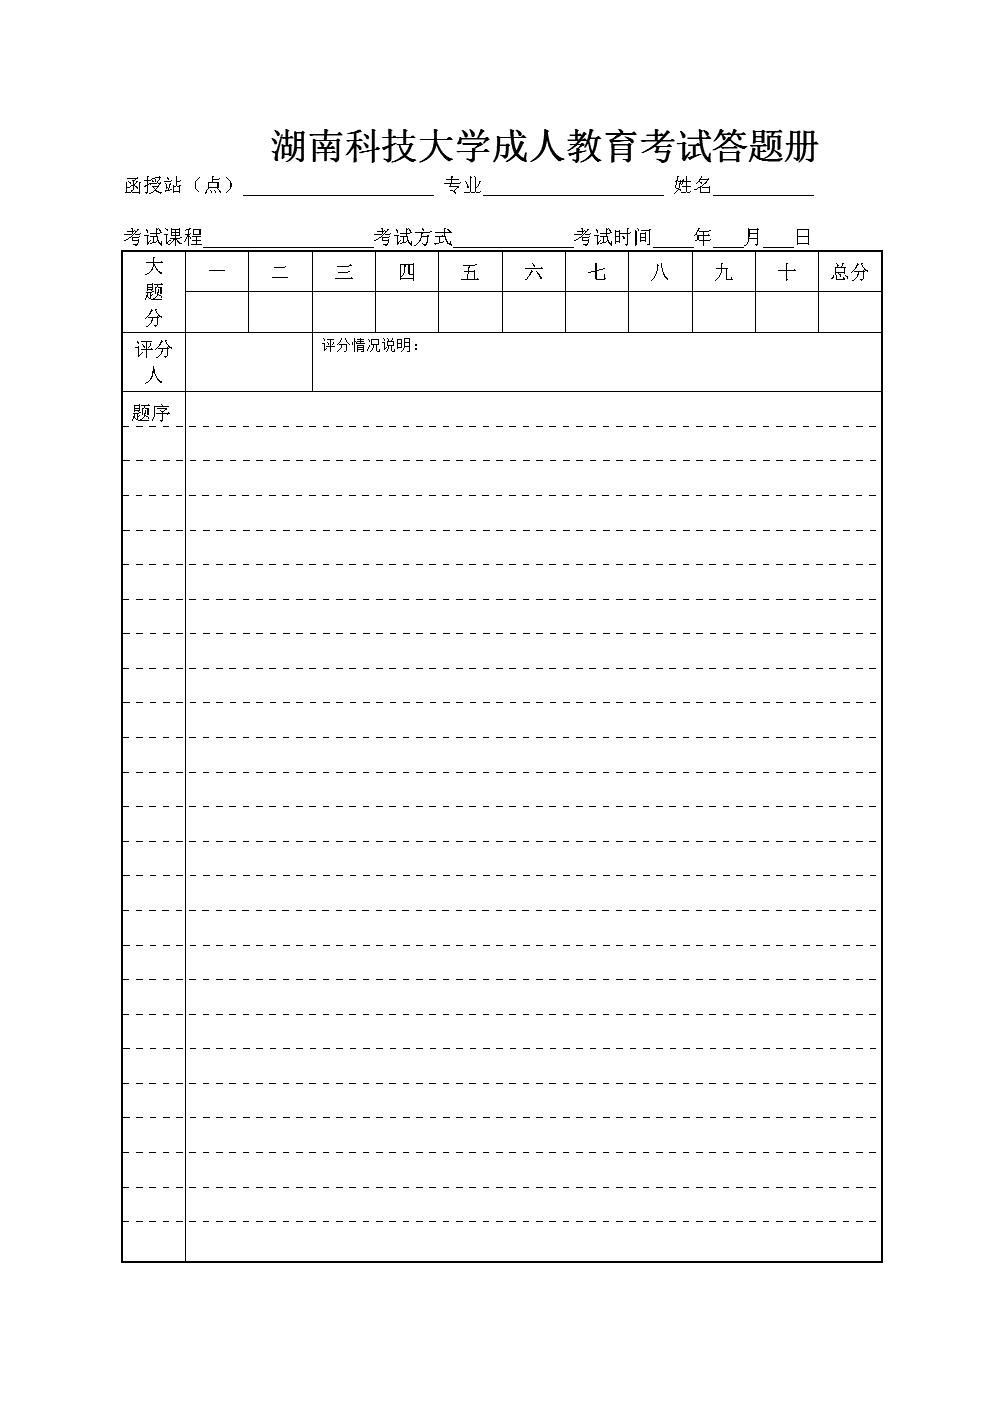 湖南科技大学成人教育考试答题册.doc